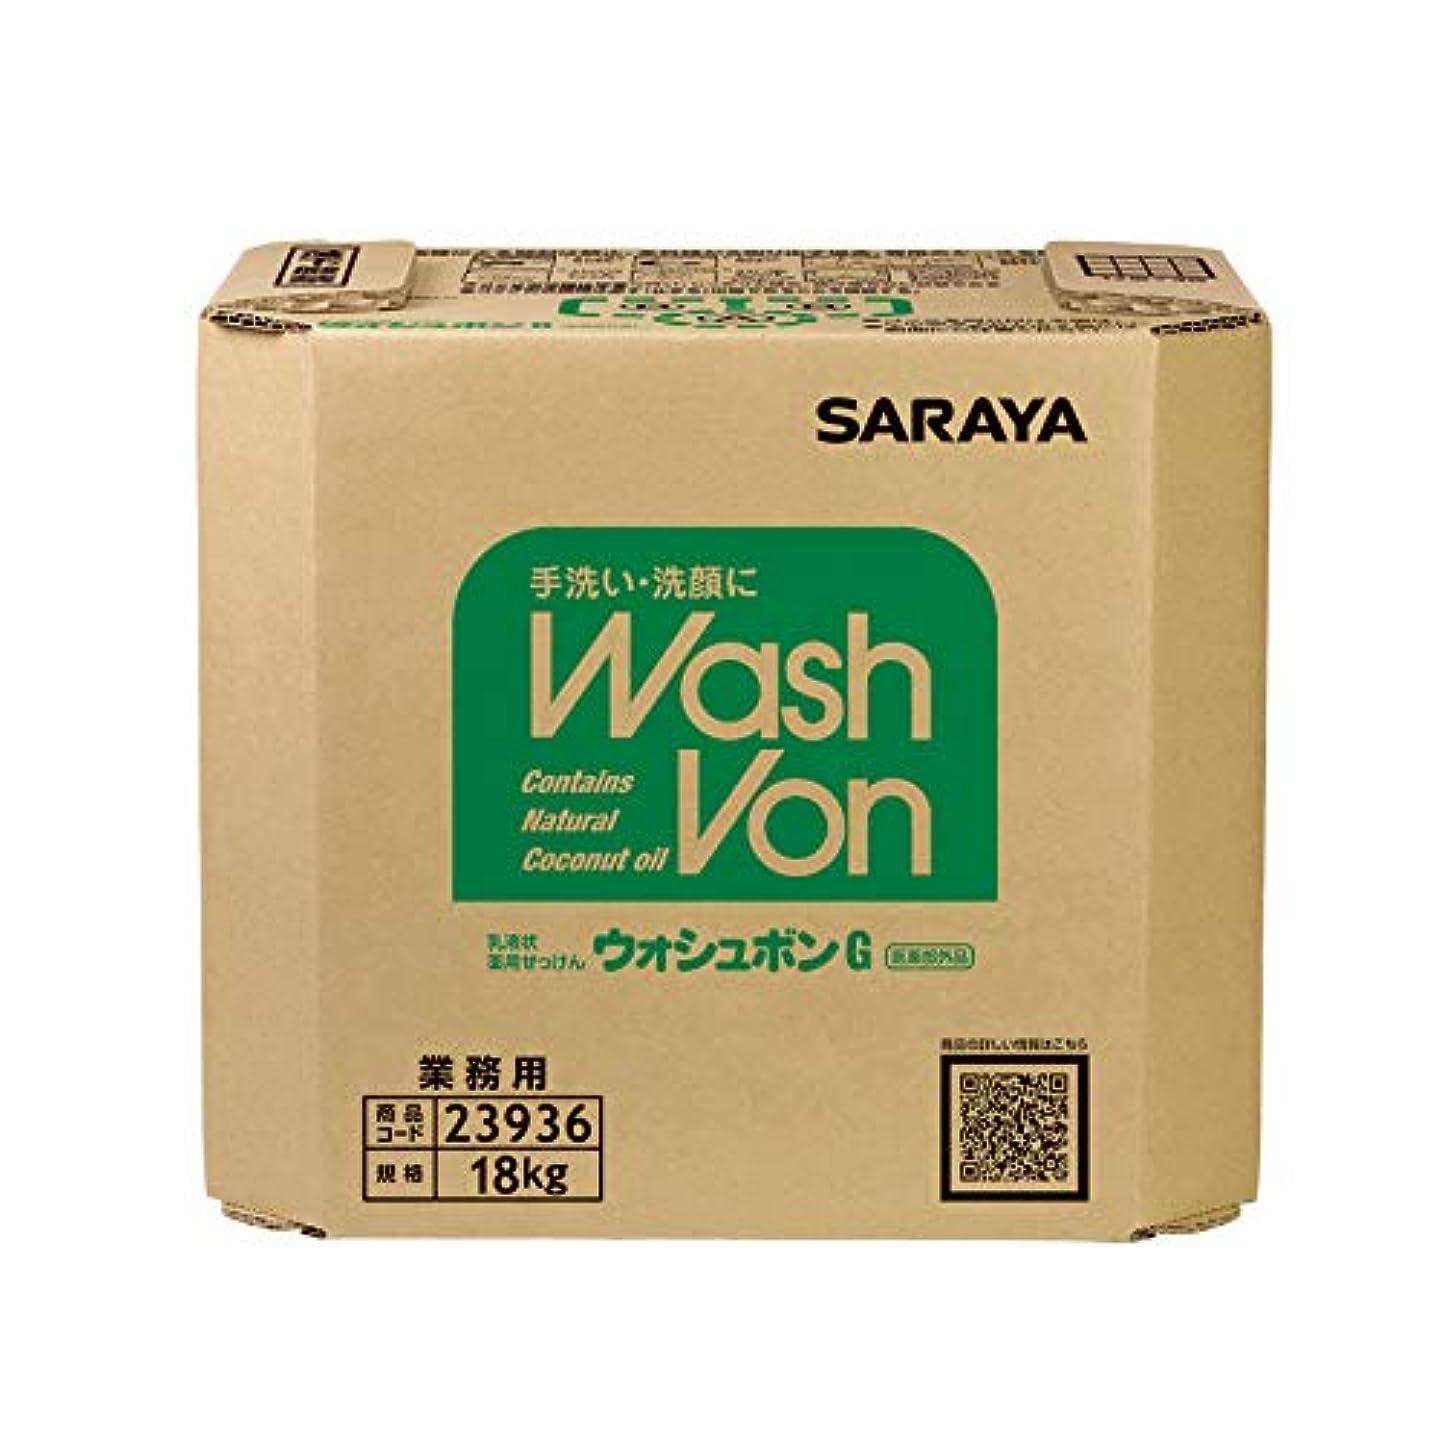 未就学チャレンジ十代の若者たちサラヤ ウォシュボン G 18kg 23936 (コック付き)